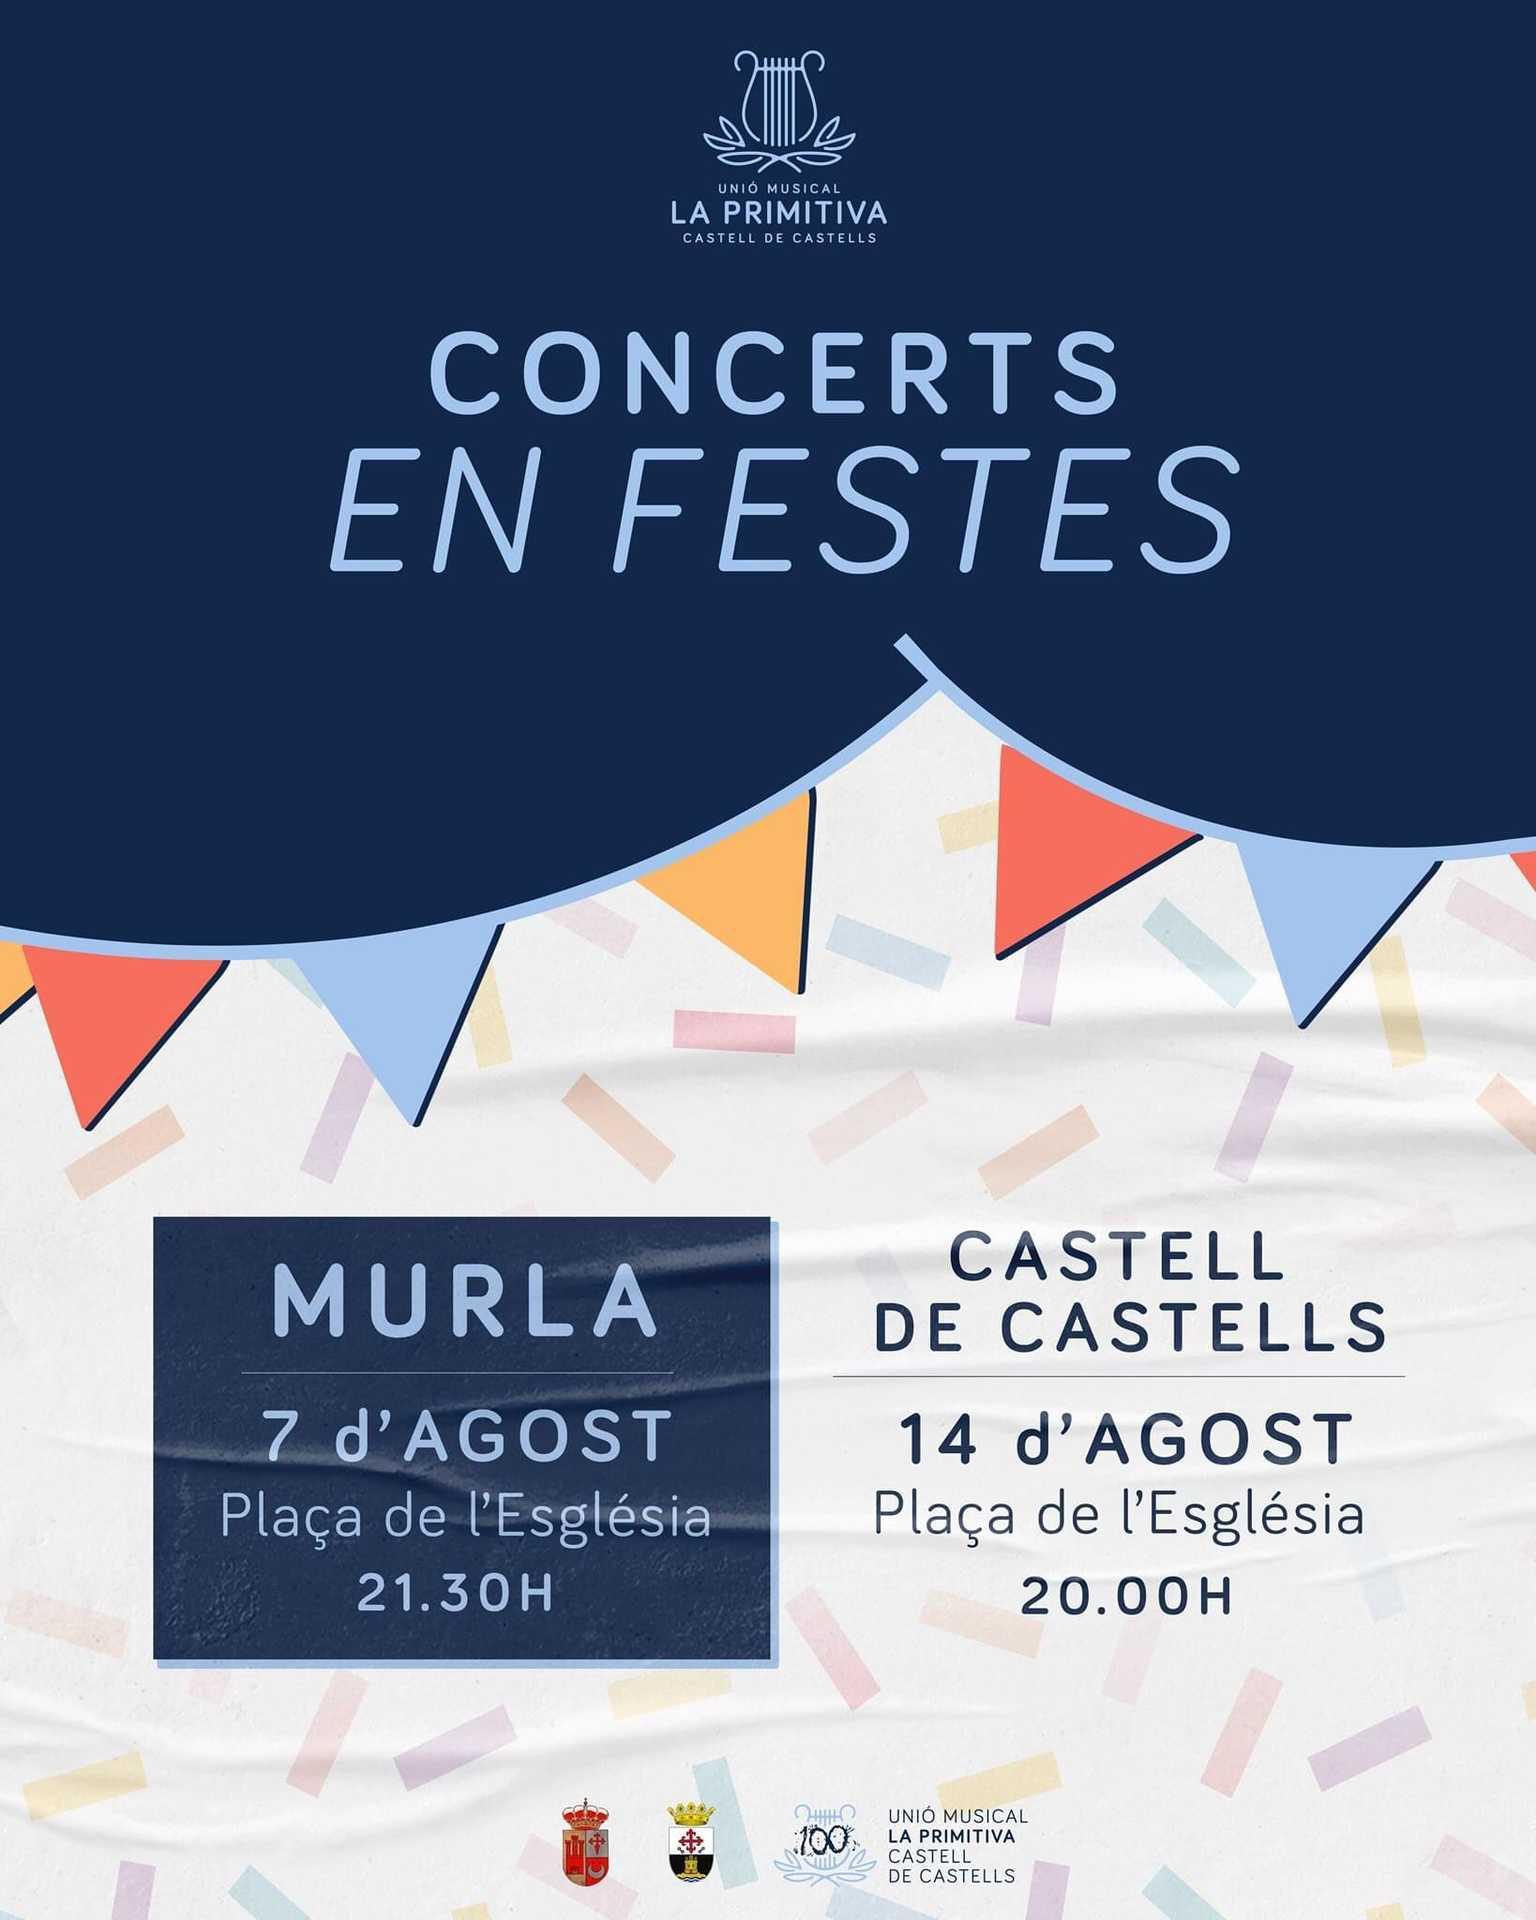 'CONCERTS EN FESTES' - CONCIERTO MURLA